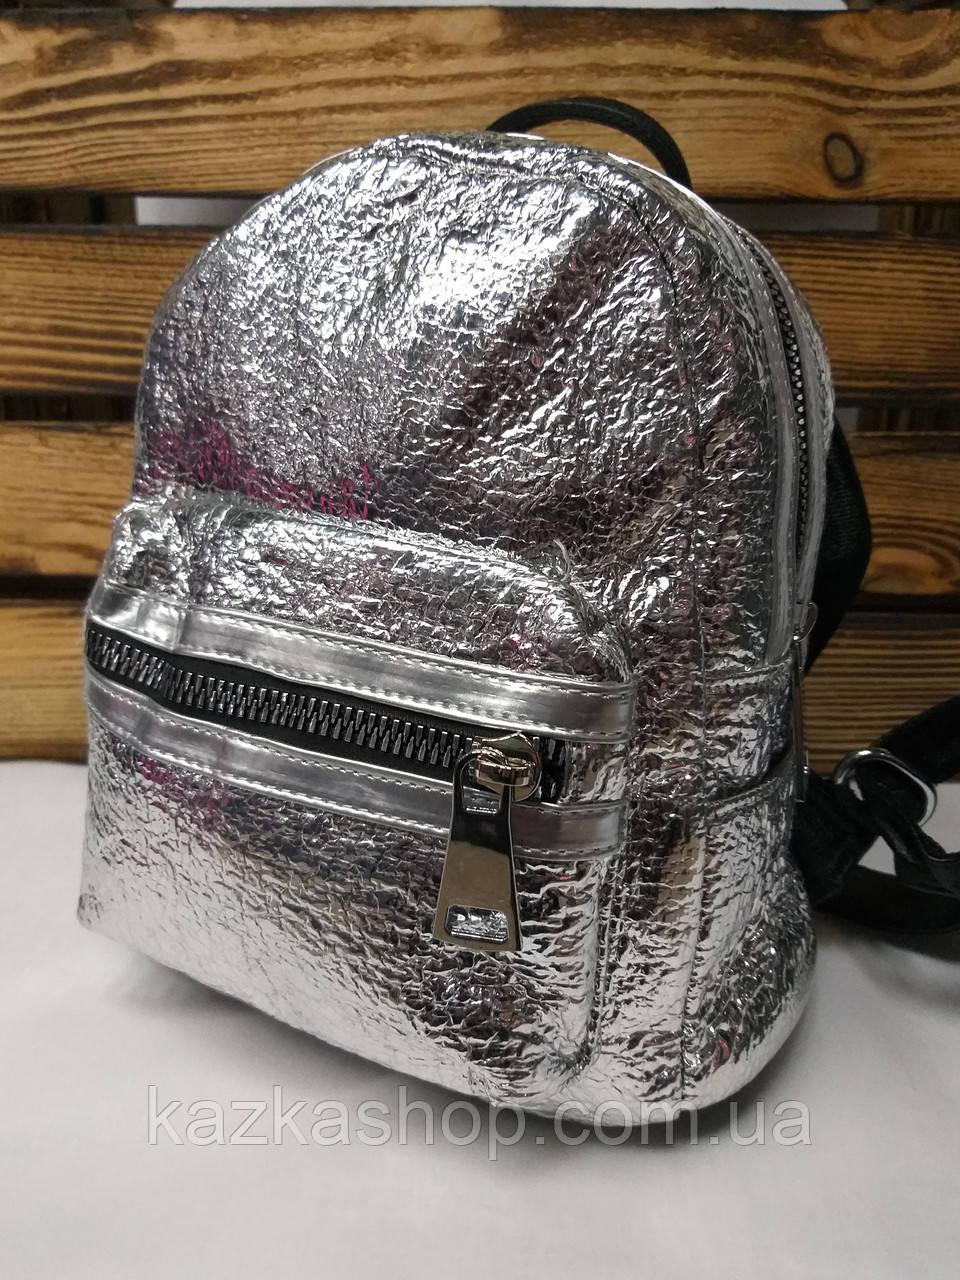 Женская сумка-рюкзак 2 в 1 серебряного металлизированного цвета, дополнительный карман, регулируемые лямки